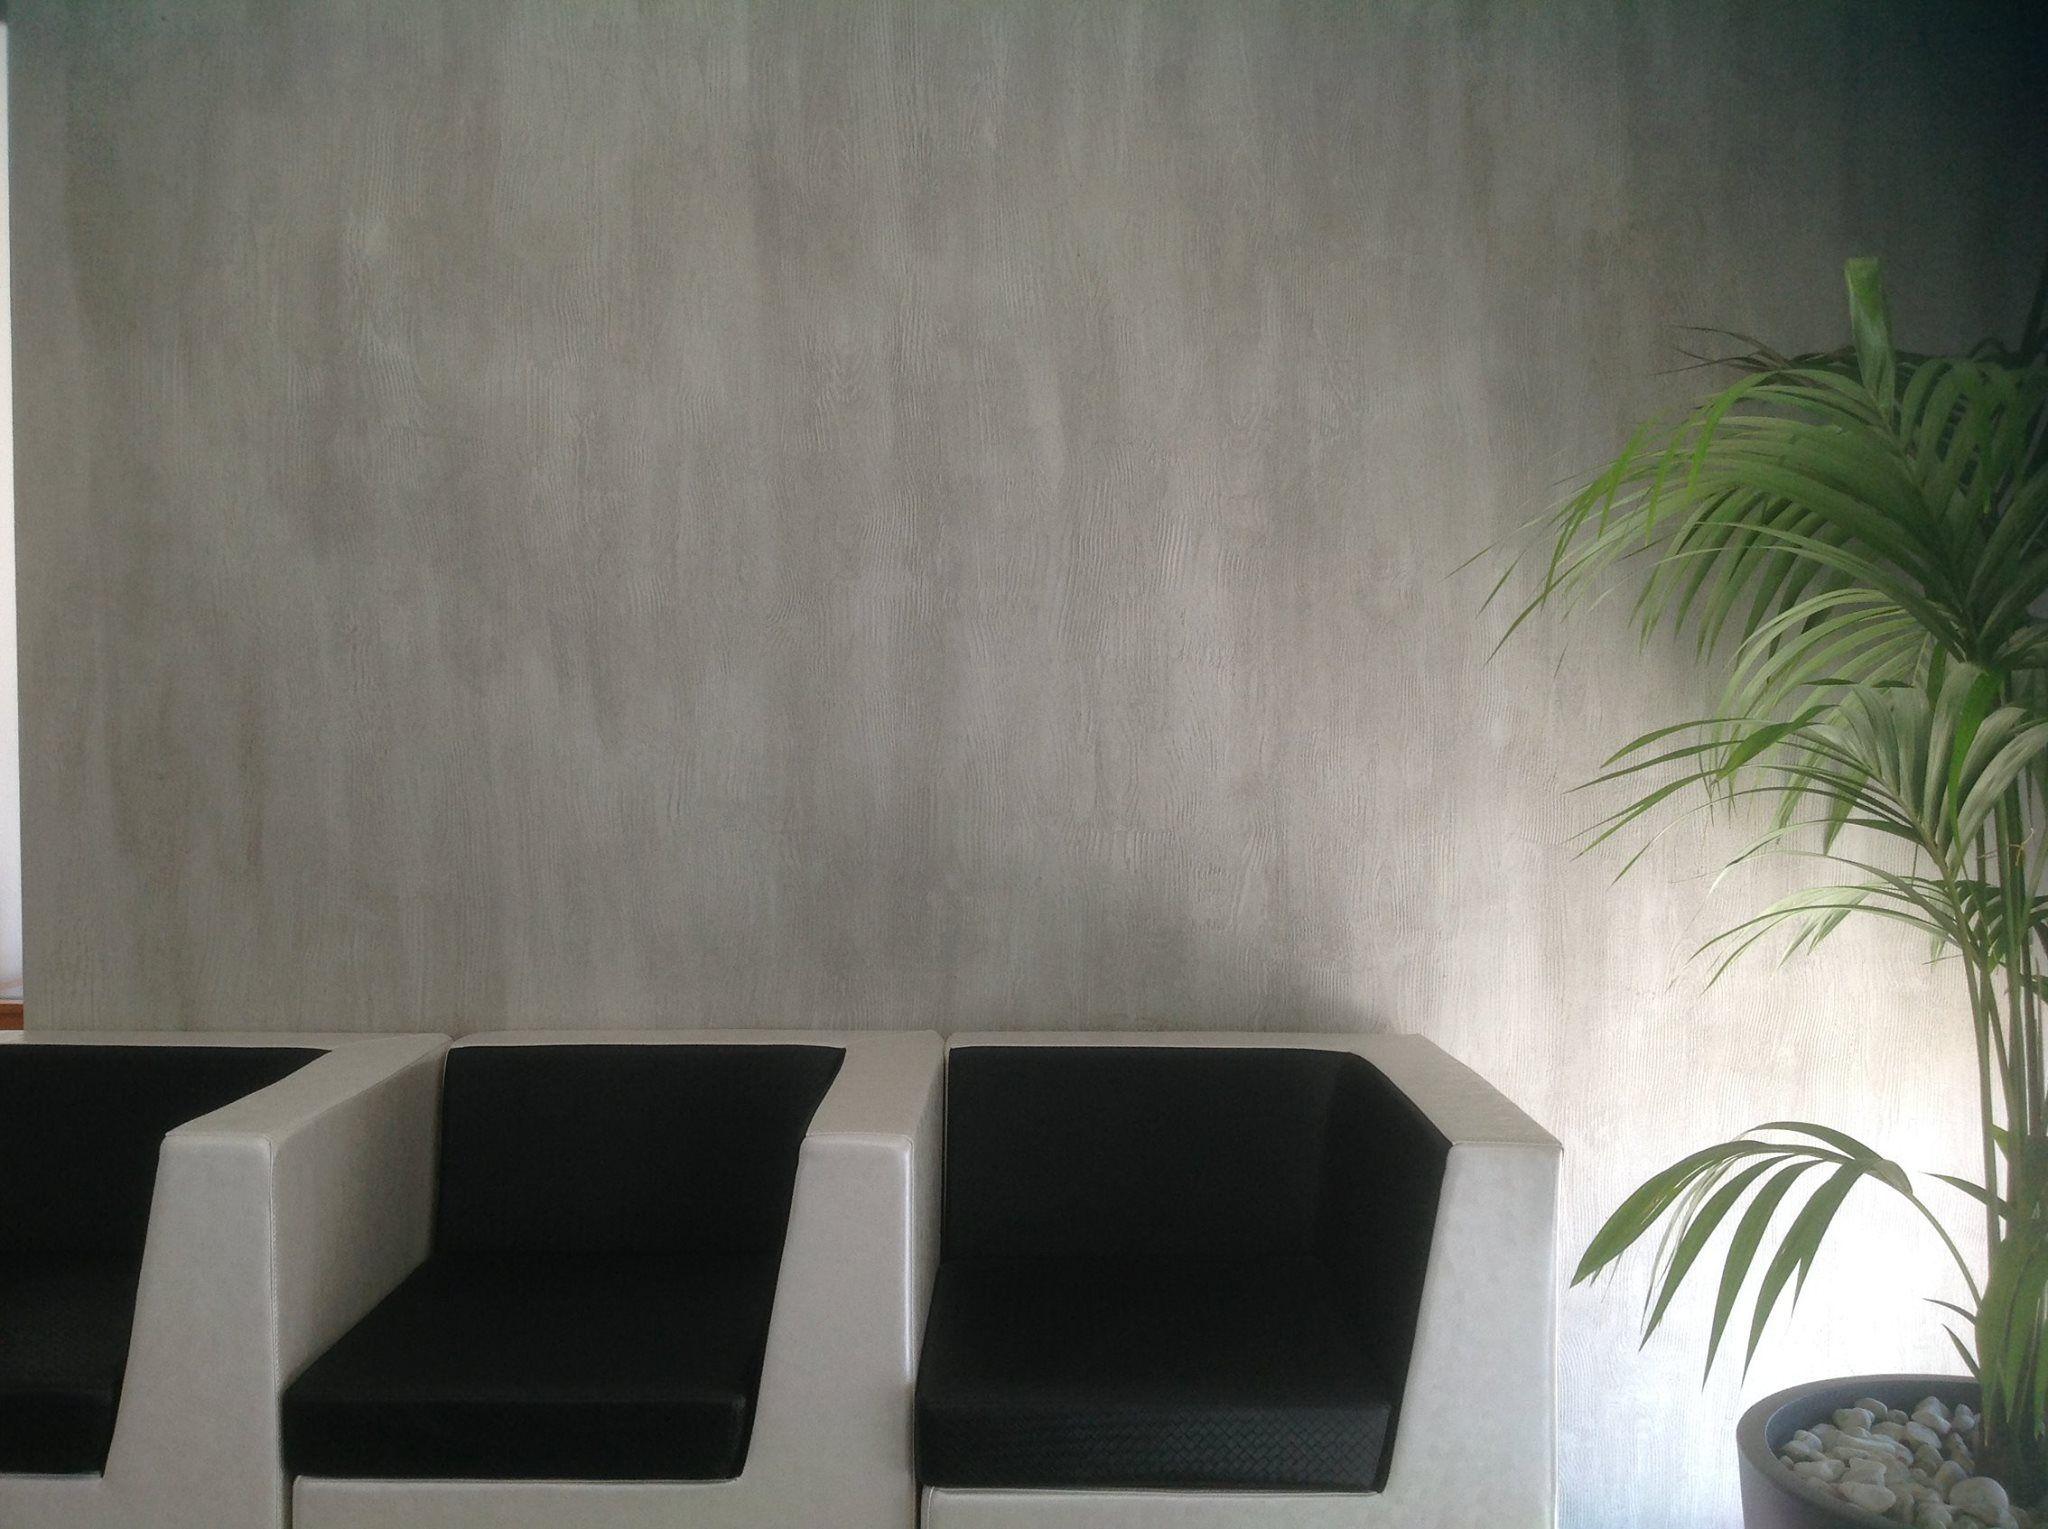 Pittura Cemento Design : Stile industriale. parete effetto cemento liscio. decorativi per